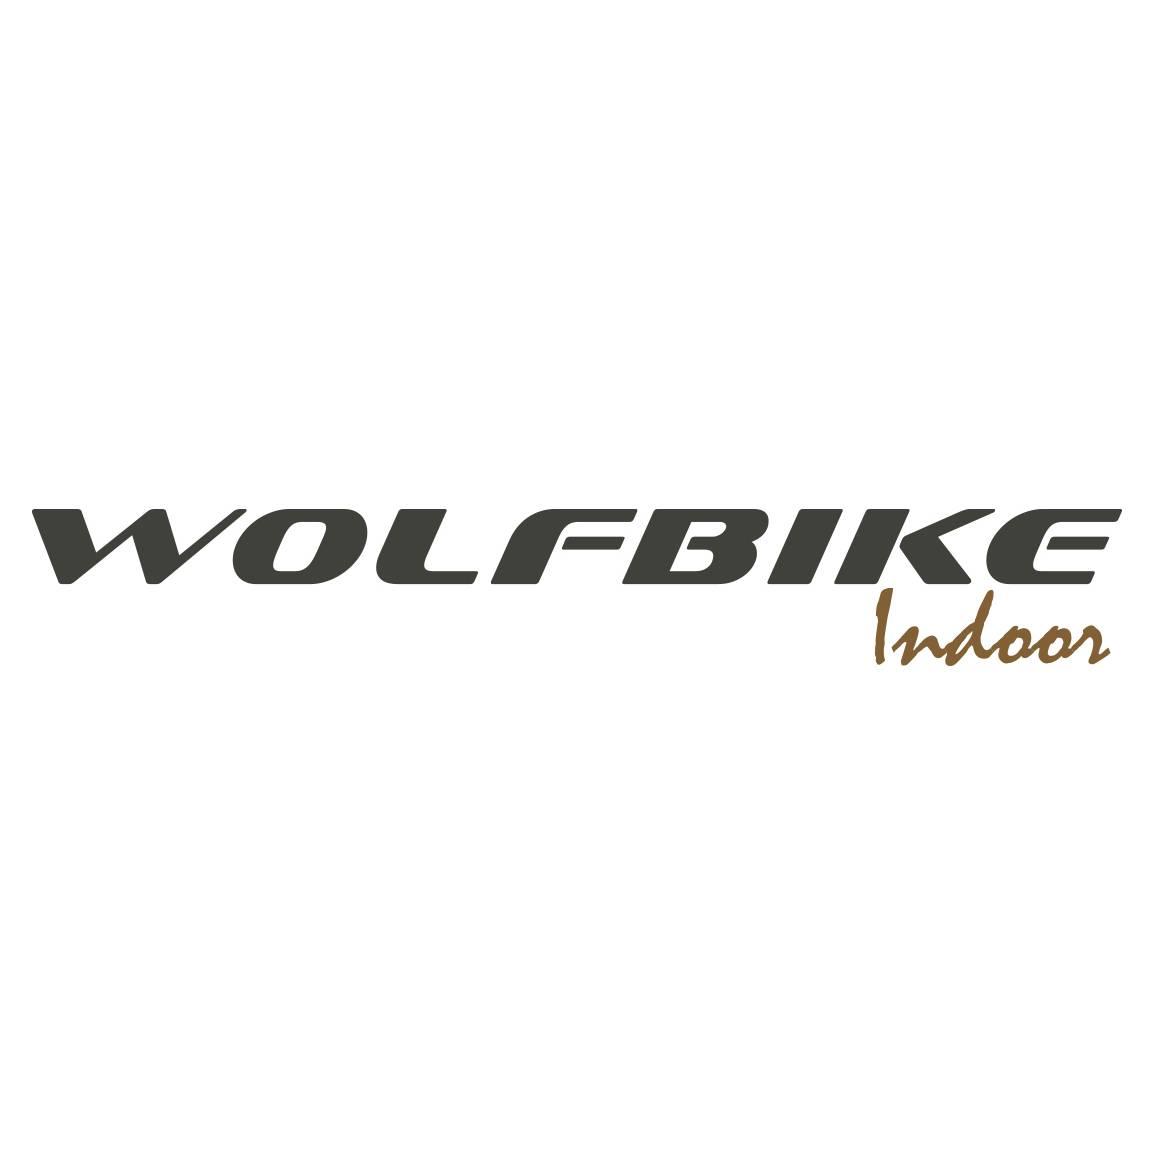 Wolfbike Indoor